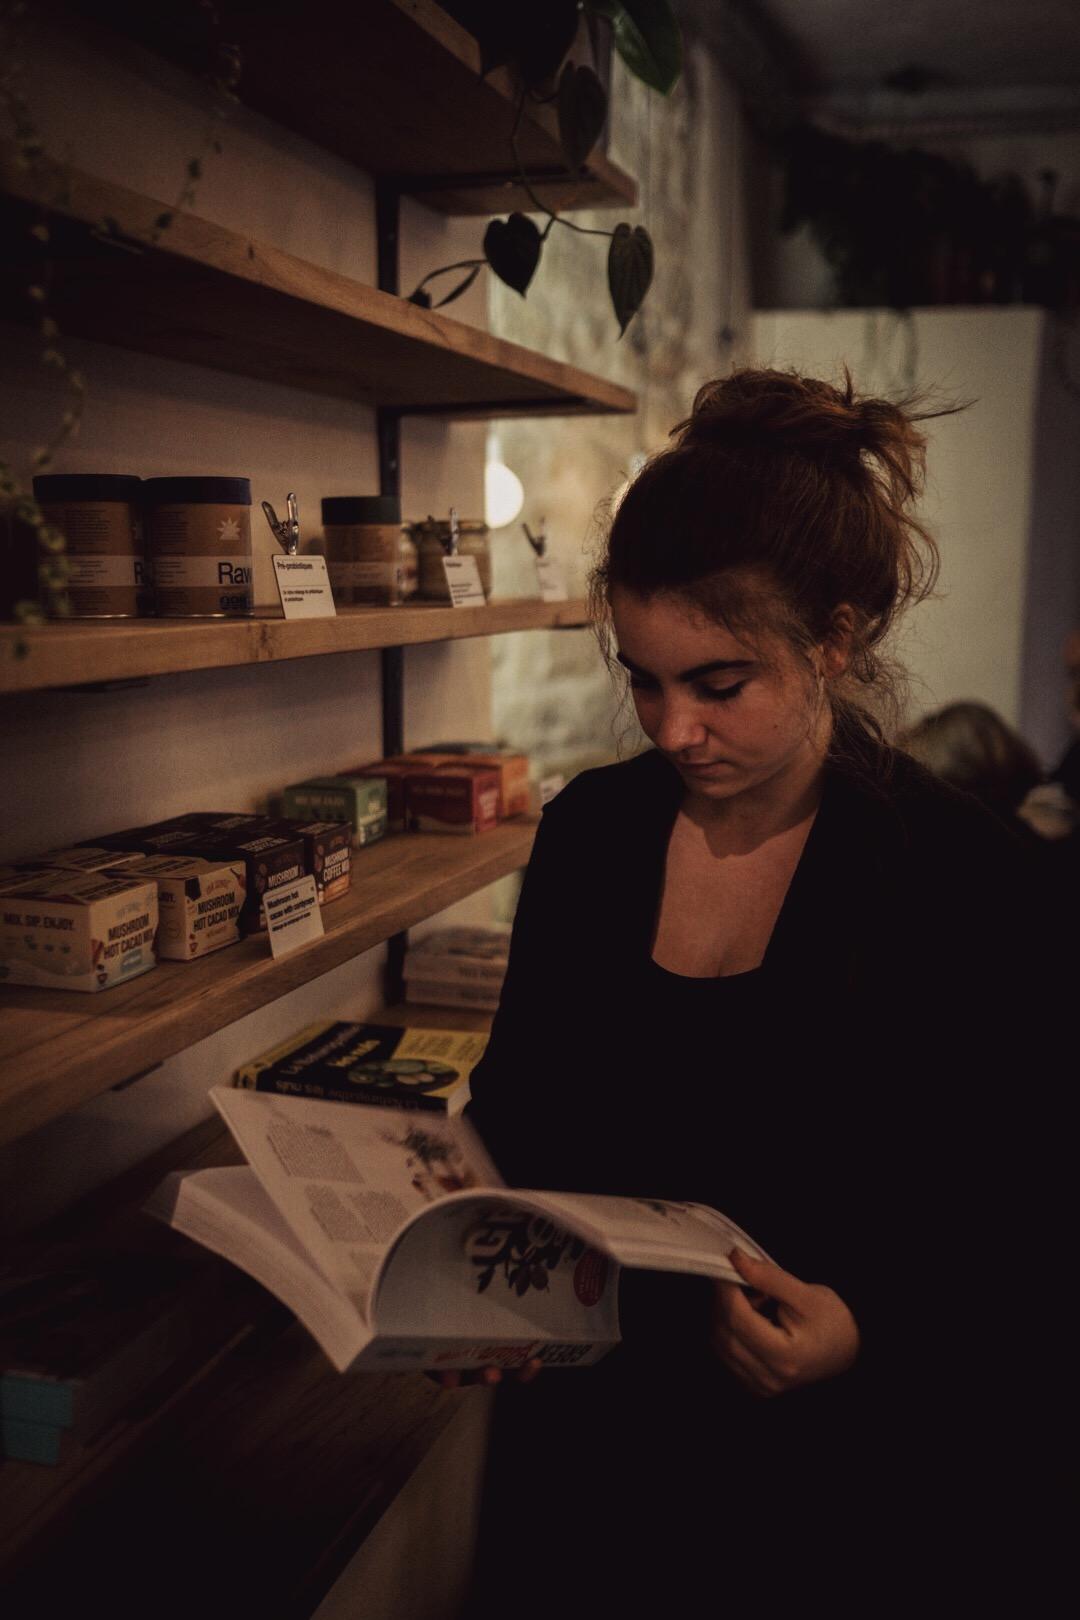 3 cantines/cafés où tu aimes te rendre à Paris ? - Wild & The Moon fait clairement partie de mes adresses préférées. Le lieu est agréable, c'est toujours bon, frais, les plats changent régulièrement. J'adore leurs lattes leur cream cheese... je craque toujours.La Palanche d'Aulac, petit restaurant sans prétention rue Rodier dans le 9ème, pour de la cuisine vietnamienne faite maison et avec amour — on le sent ! Le choix des plats est restreint, il n'y en a que 4 ou 5 à la carte, mais tout est bon (même les desserts !) et c'est toujours un véritable bonheur d'y revenir.Puis (c'était difficile de choisir) Sol Semilia, rue des Vinaigriers. Parfait pour commencer la journée ou faire une pause : se balader au soleil le long du canal puis se poser avec une boisson à base de superaliments et/ou une assiette du jour, toujours parfaitement composée.